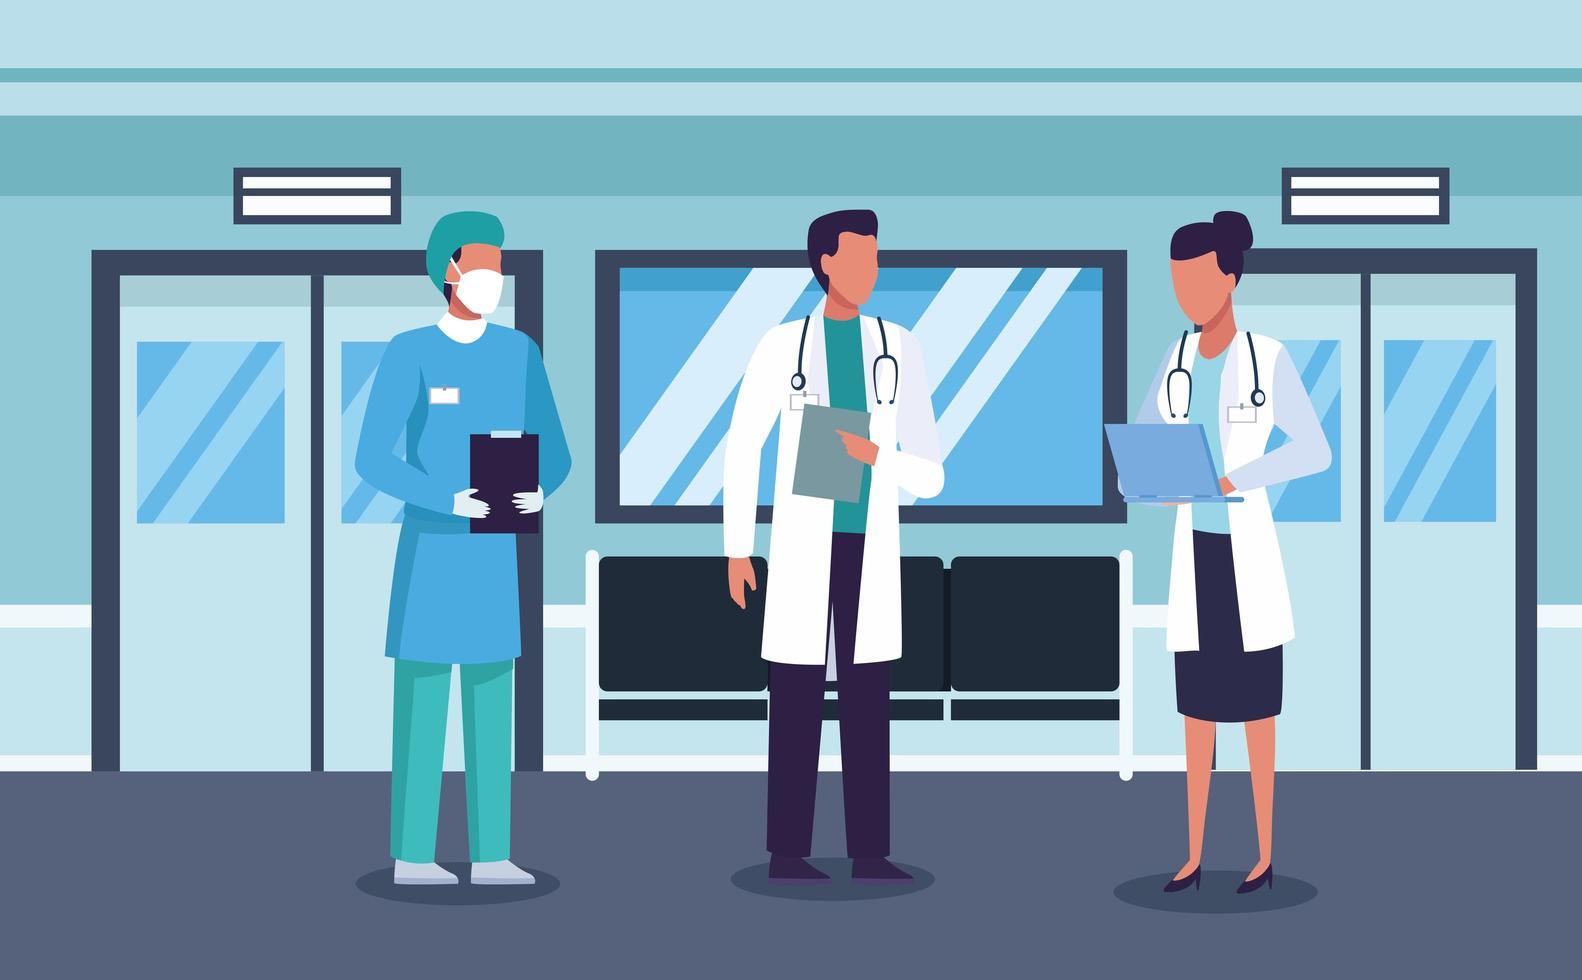 groep vrouwelijke en mannelijke artsen in wachtkamer vector